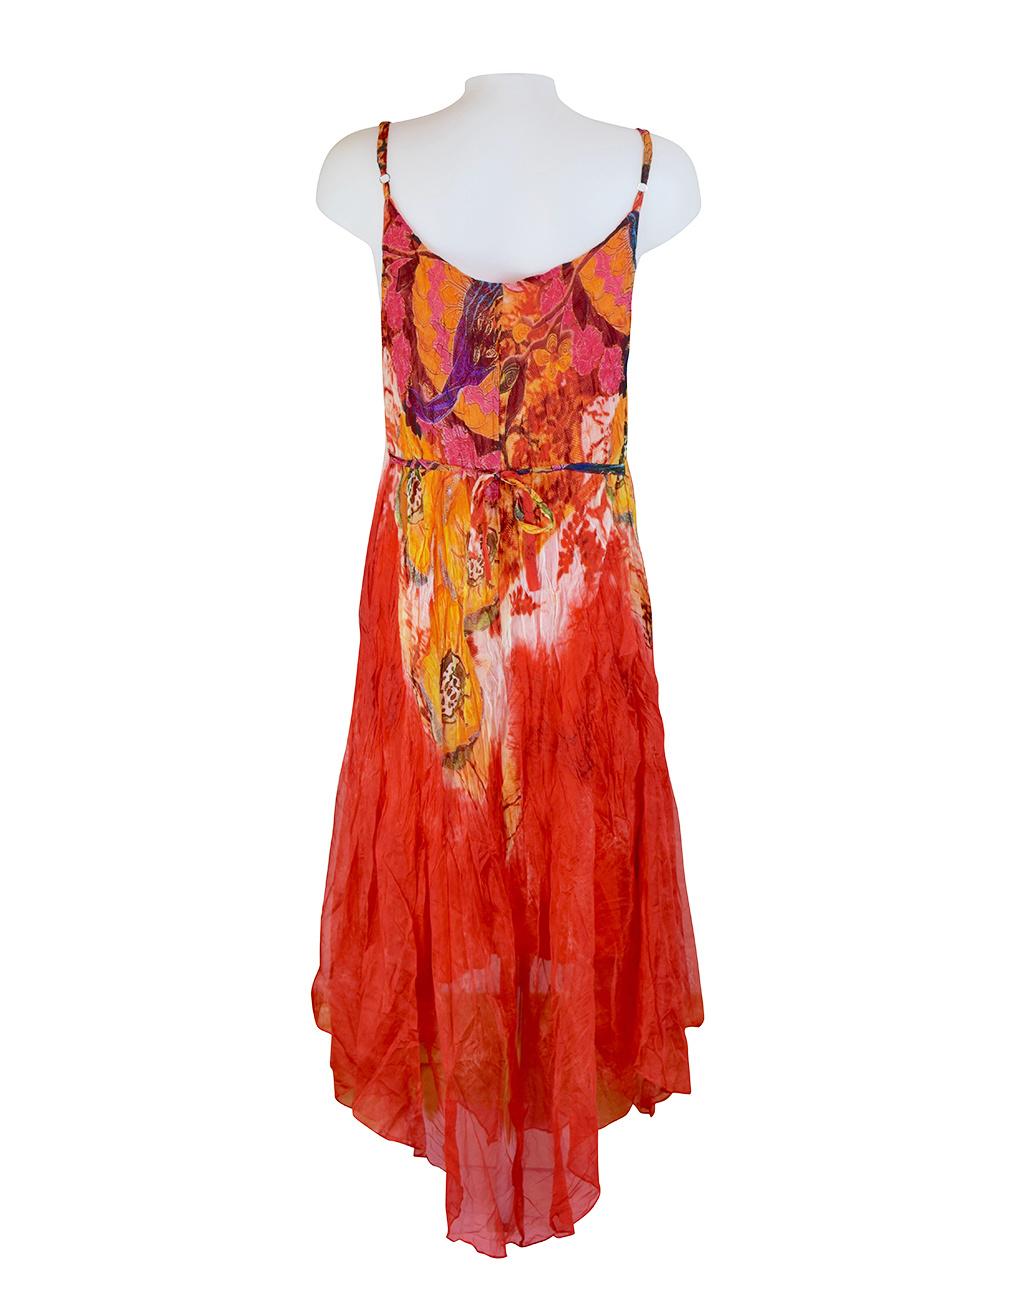 Sensations Pour Elle Orange Abstract Print Maxi Dress One Size / T Reverse